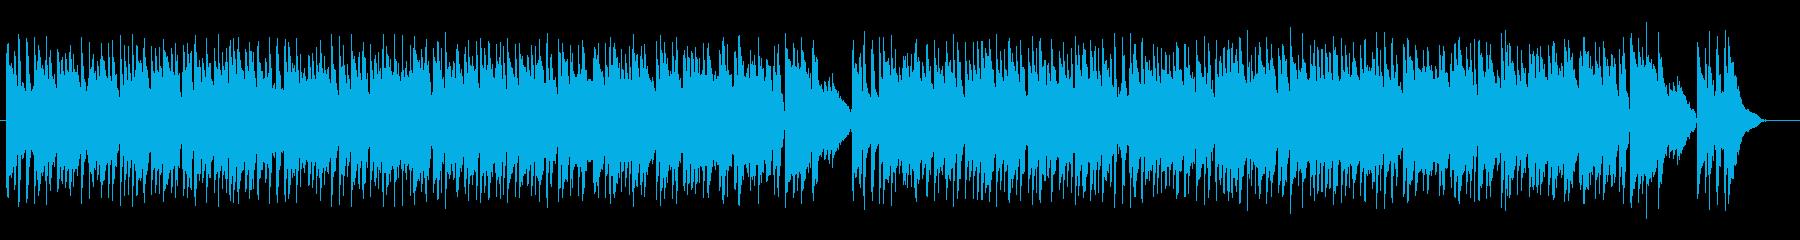 優しく柔らかいミュージックの再生済みの波形